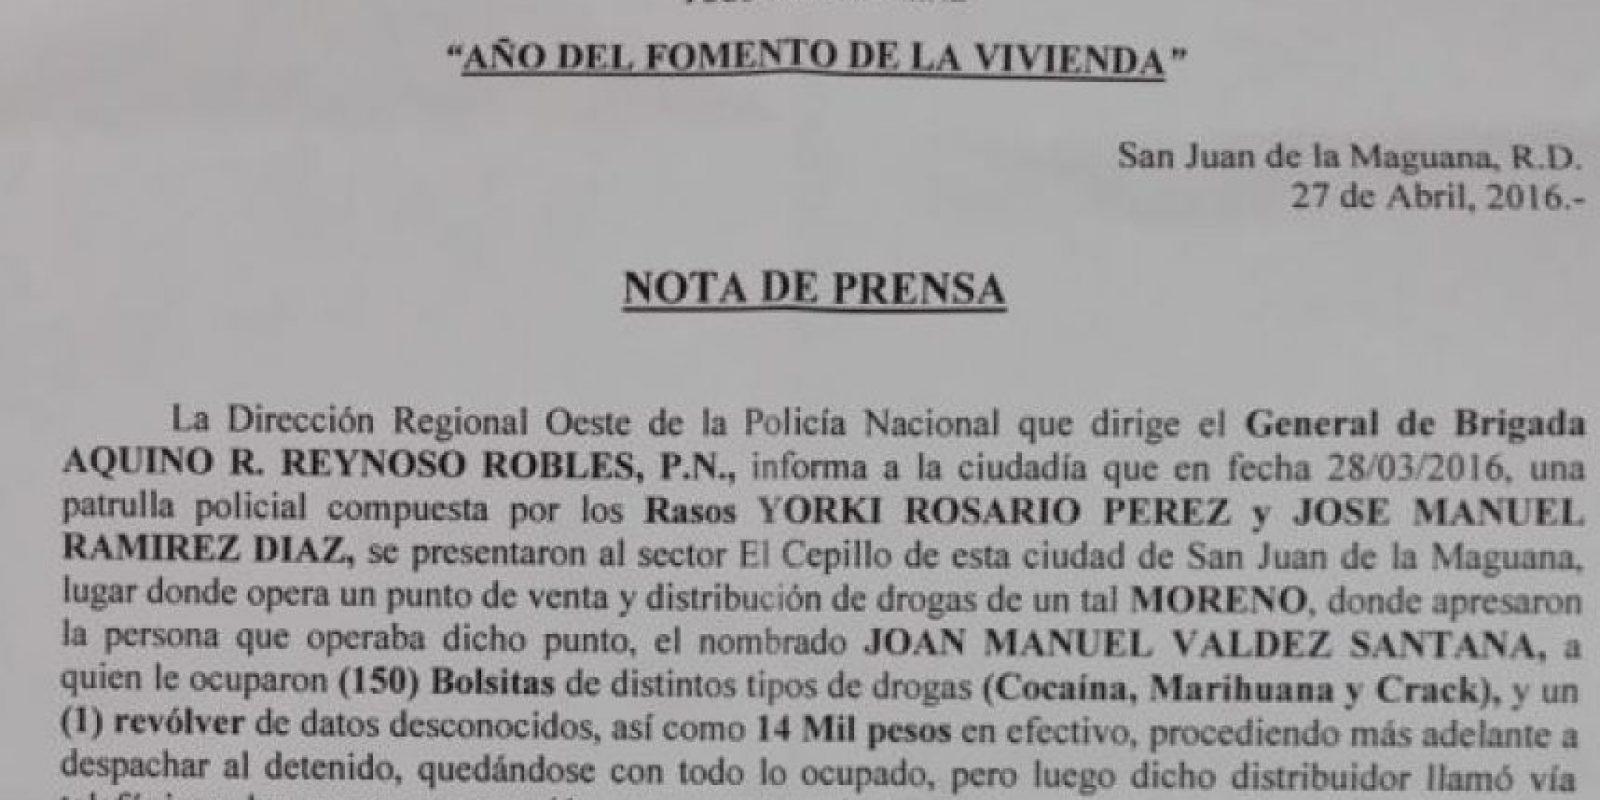 Nota de prensa de la Policía en San Juan Foto:Fuente Externa